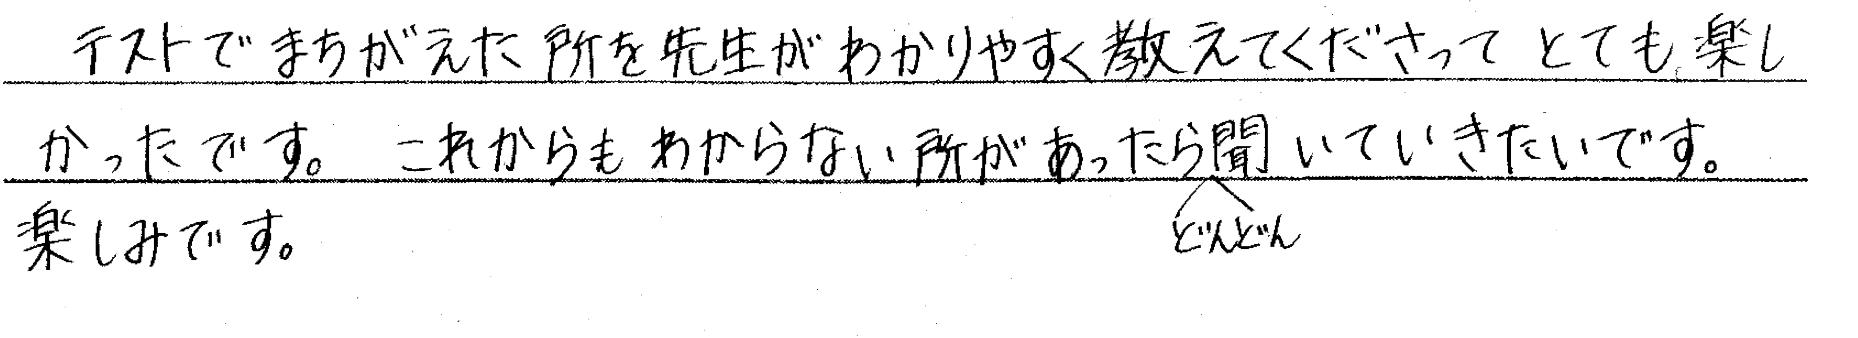 Cちゃん(都城市)からの口コミ